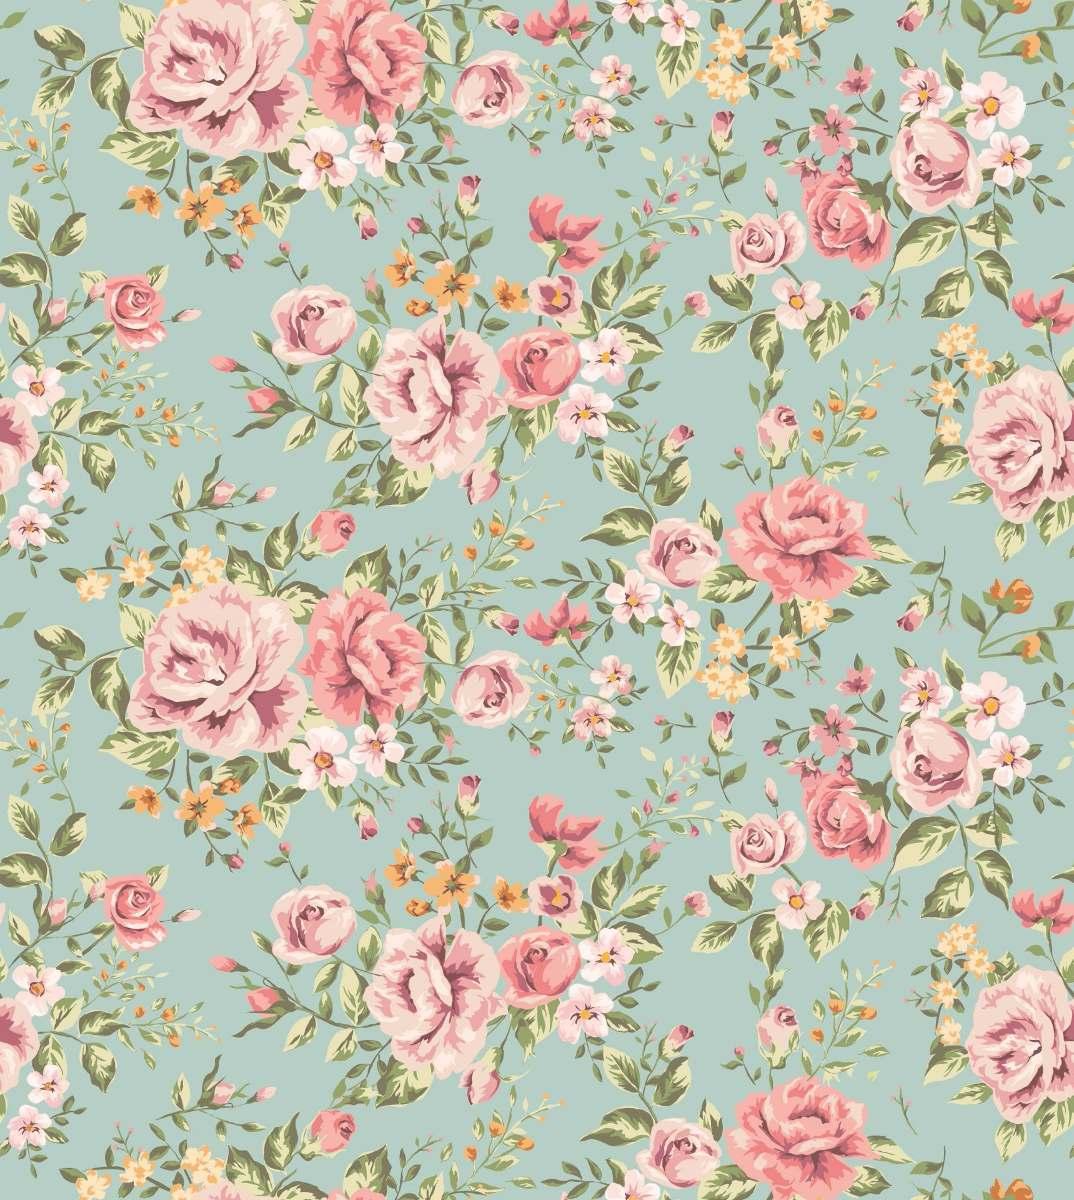 Adesivo De Parede Flores Quarto Feminino R 47 00 Em Mercado Livre ~ Tecido Para Parede Quarto Feminino